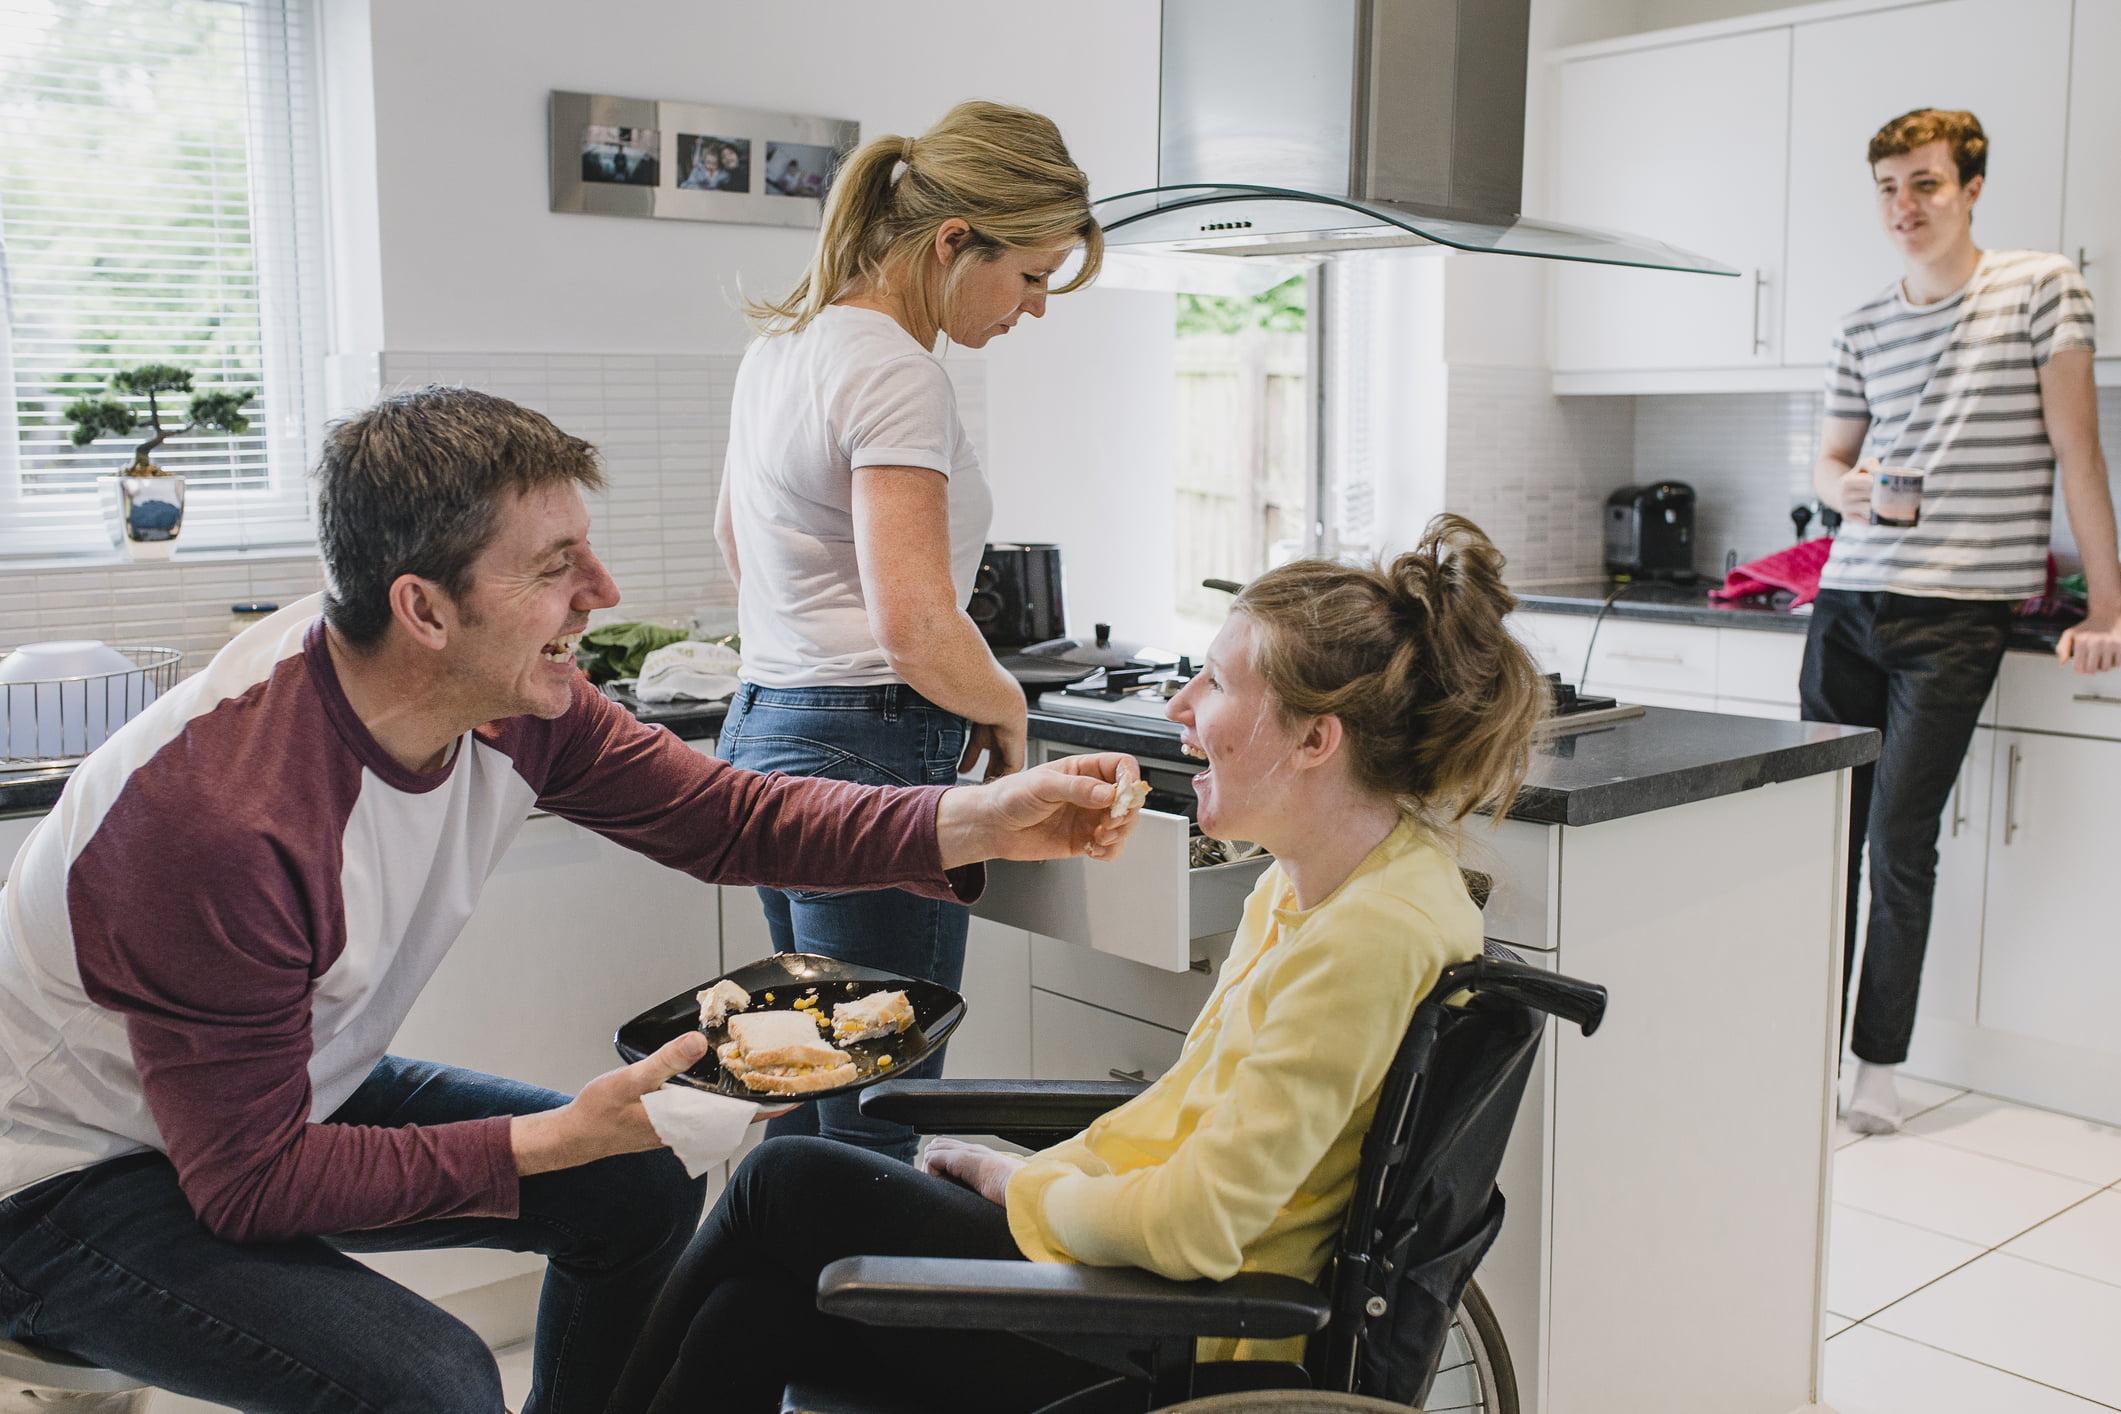 Famille dans la cuisine avec une fille handicapée en fauteuil roulant